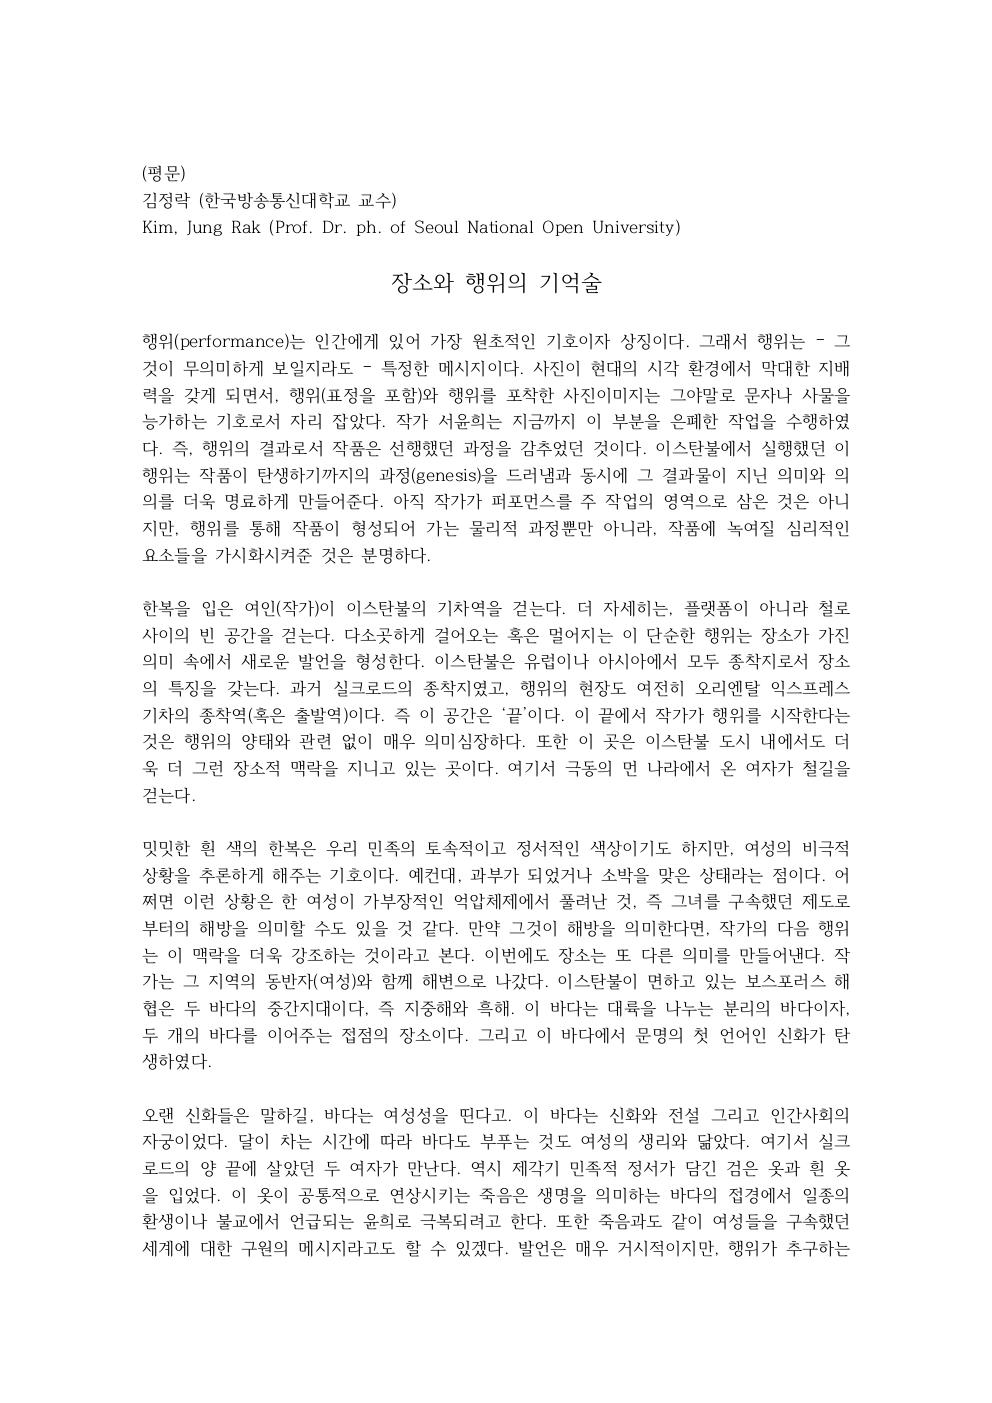 김정락 평론글-서윤희 작가001.jpg